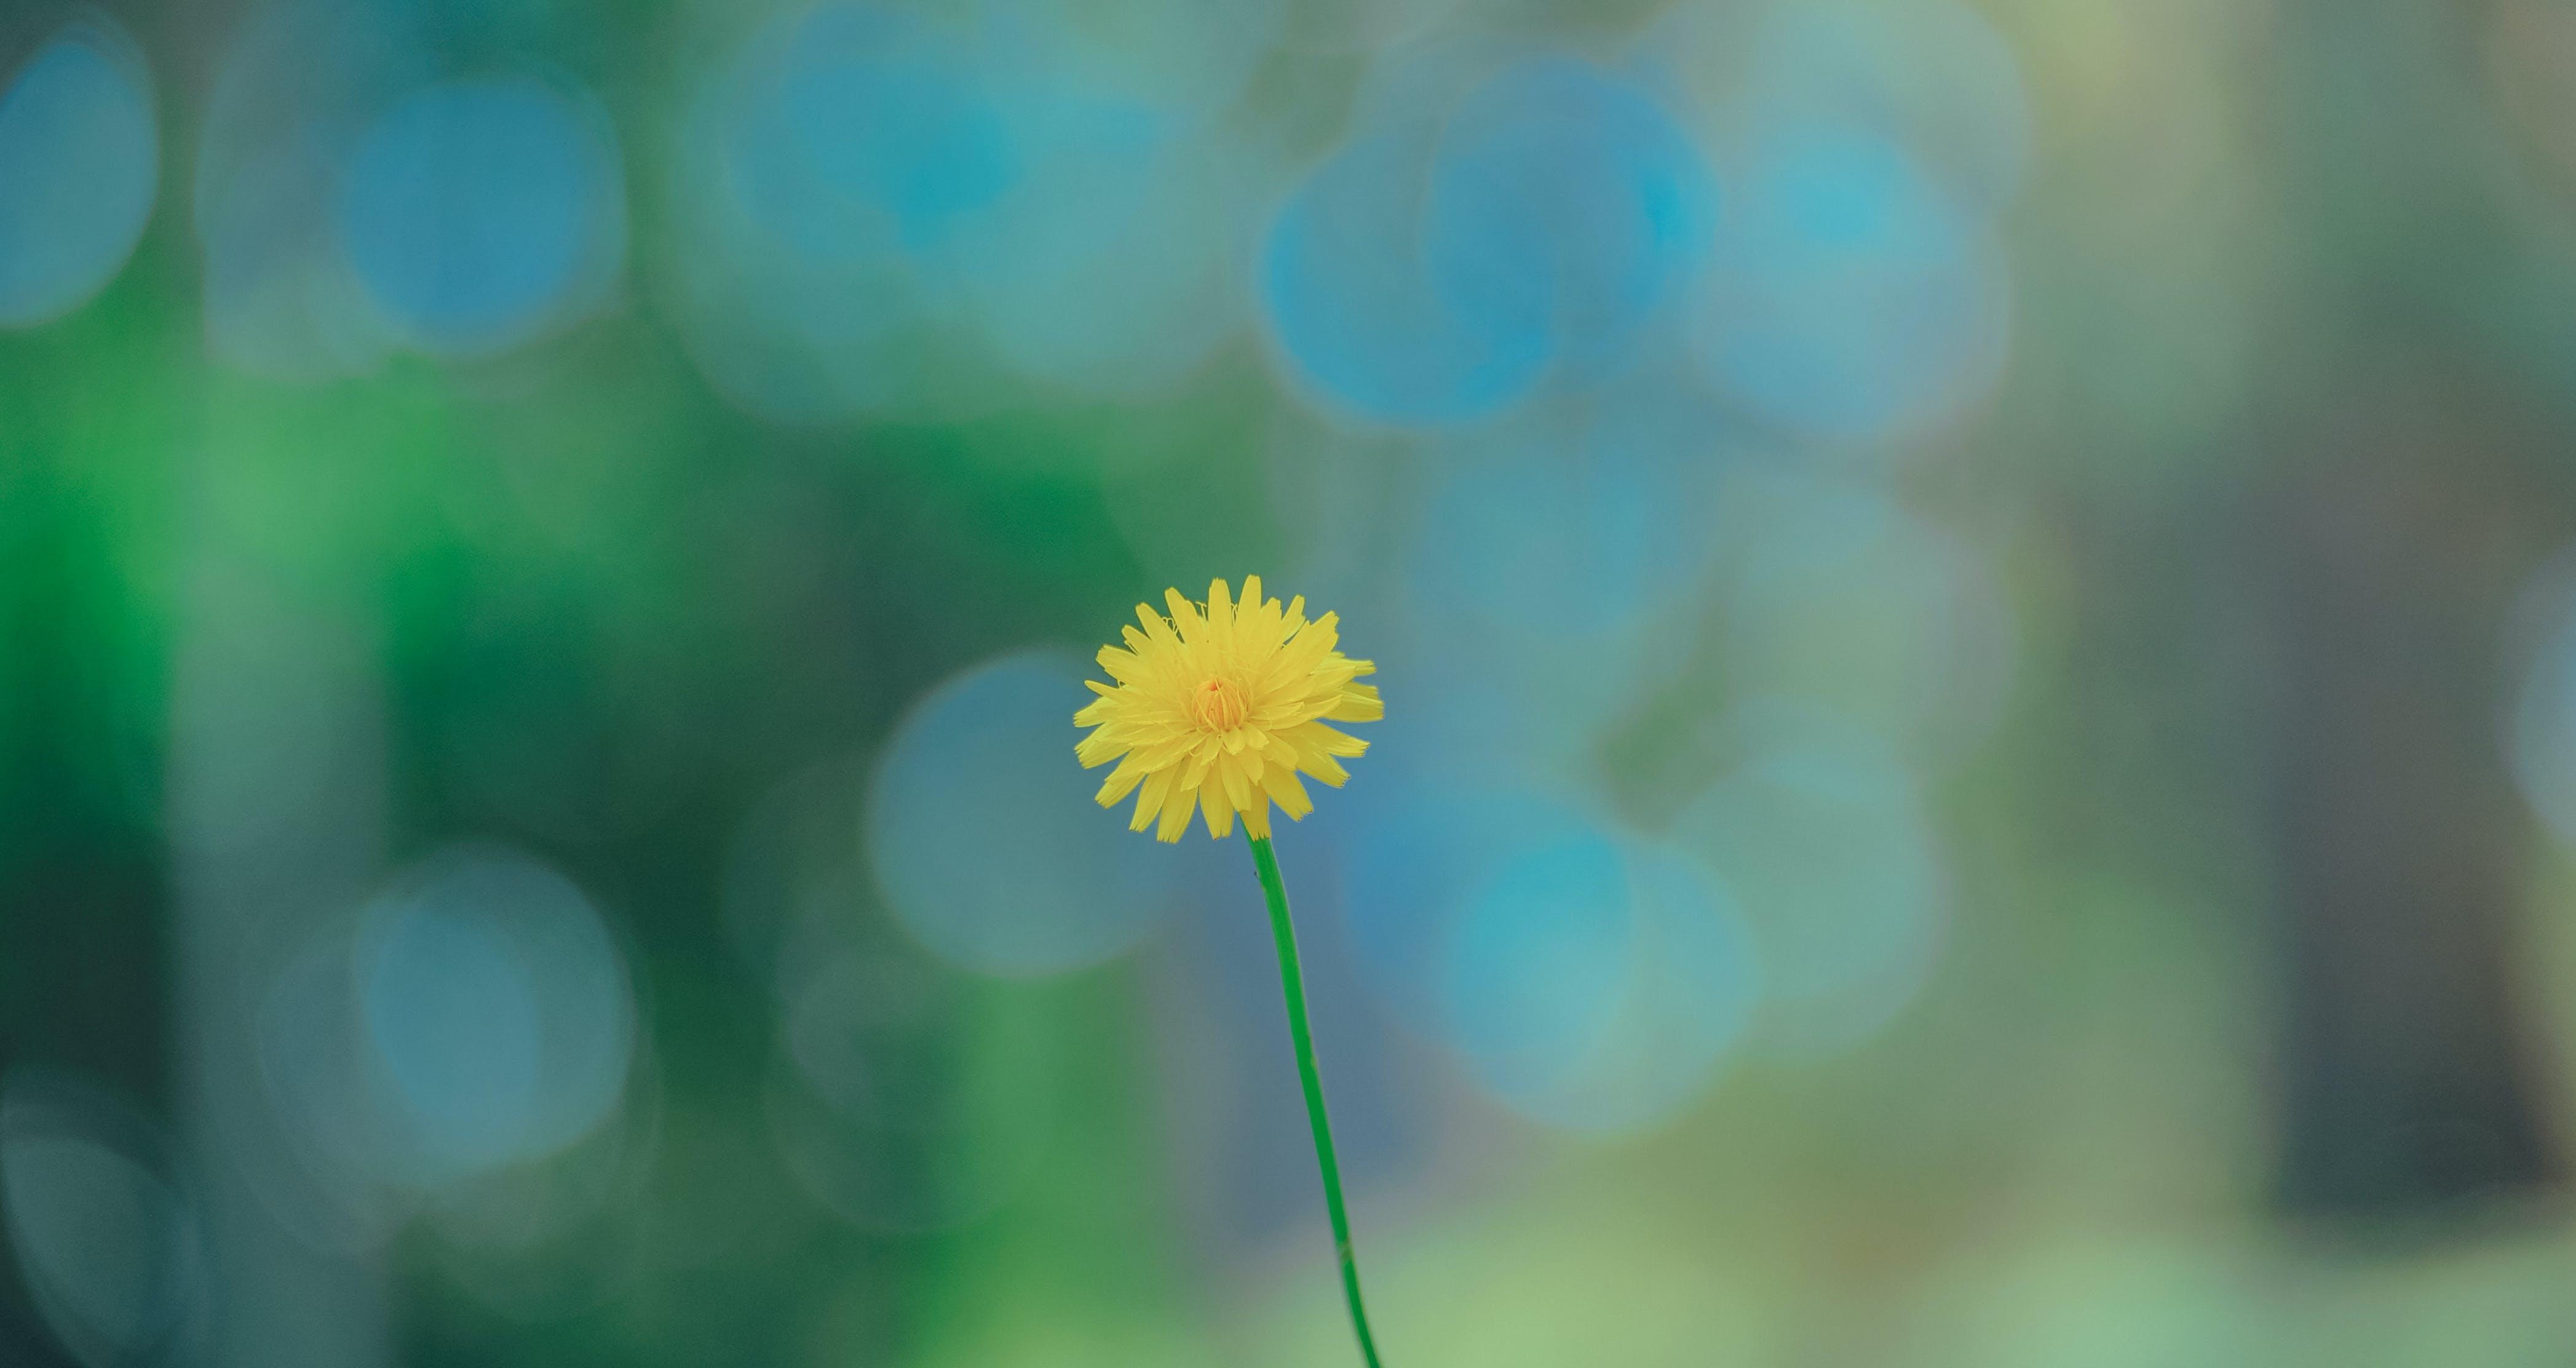 Selective Photo of Yellow Dandelion